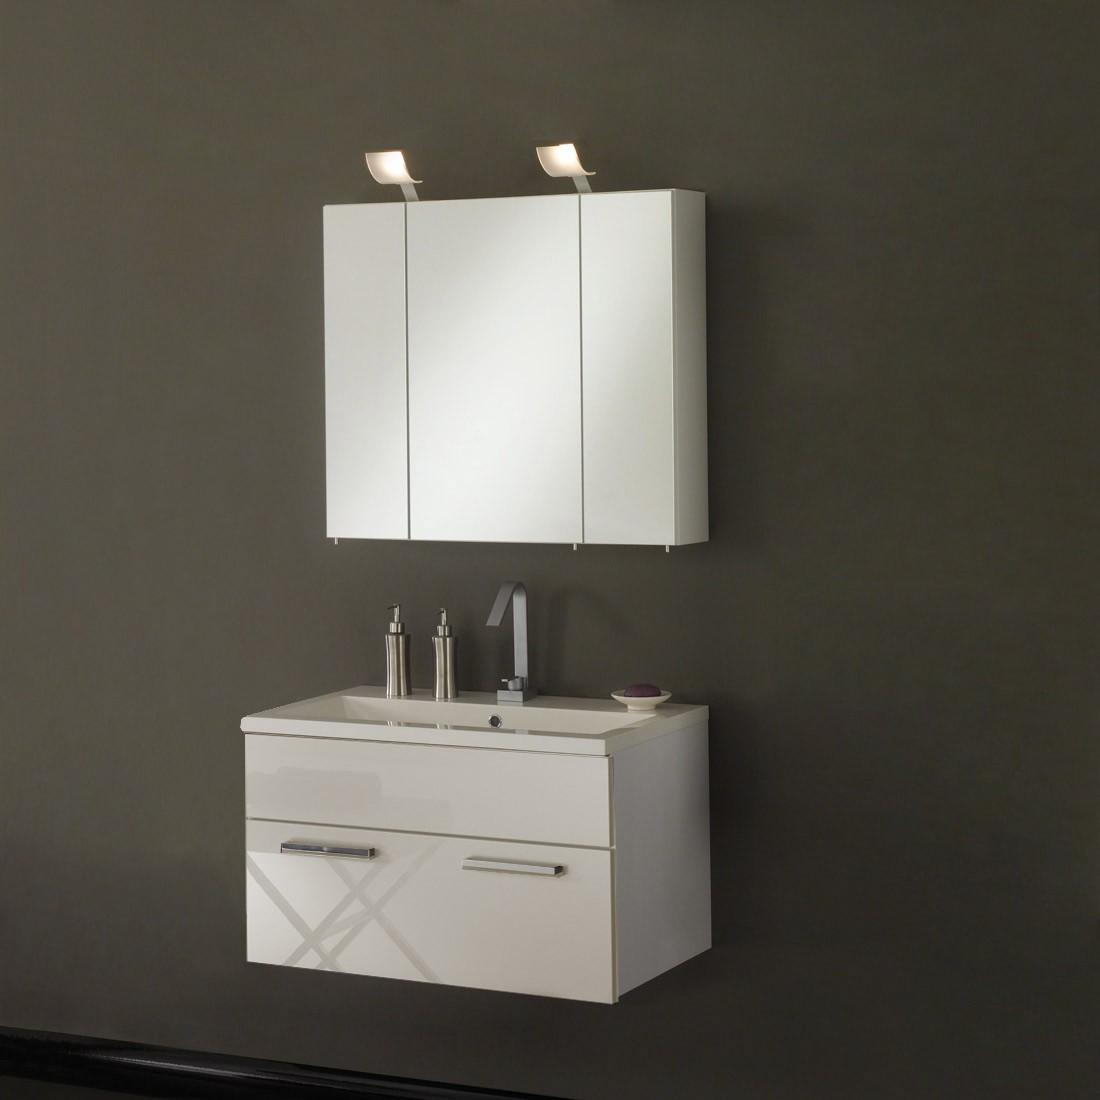 Waschplatz Victoria - inklusive Becken + Spiegelschrank 80cm - weiß Hochglanz